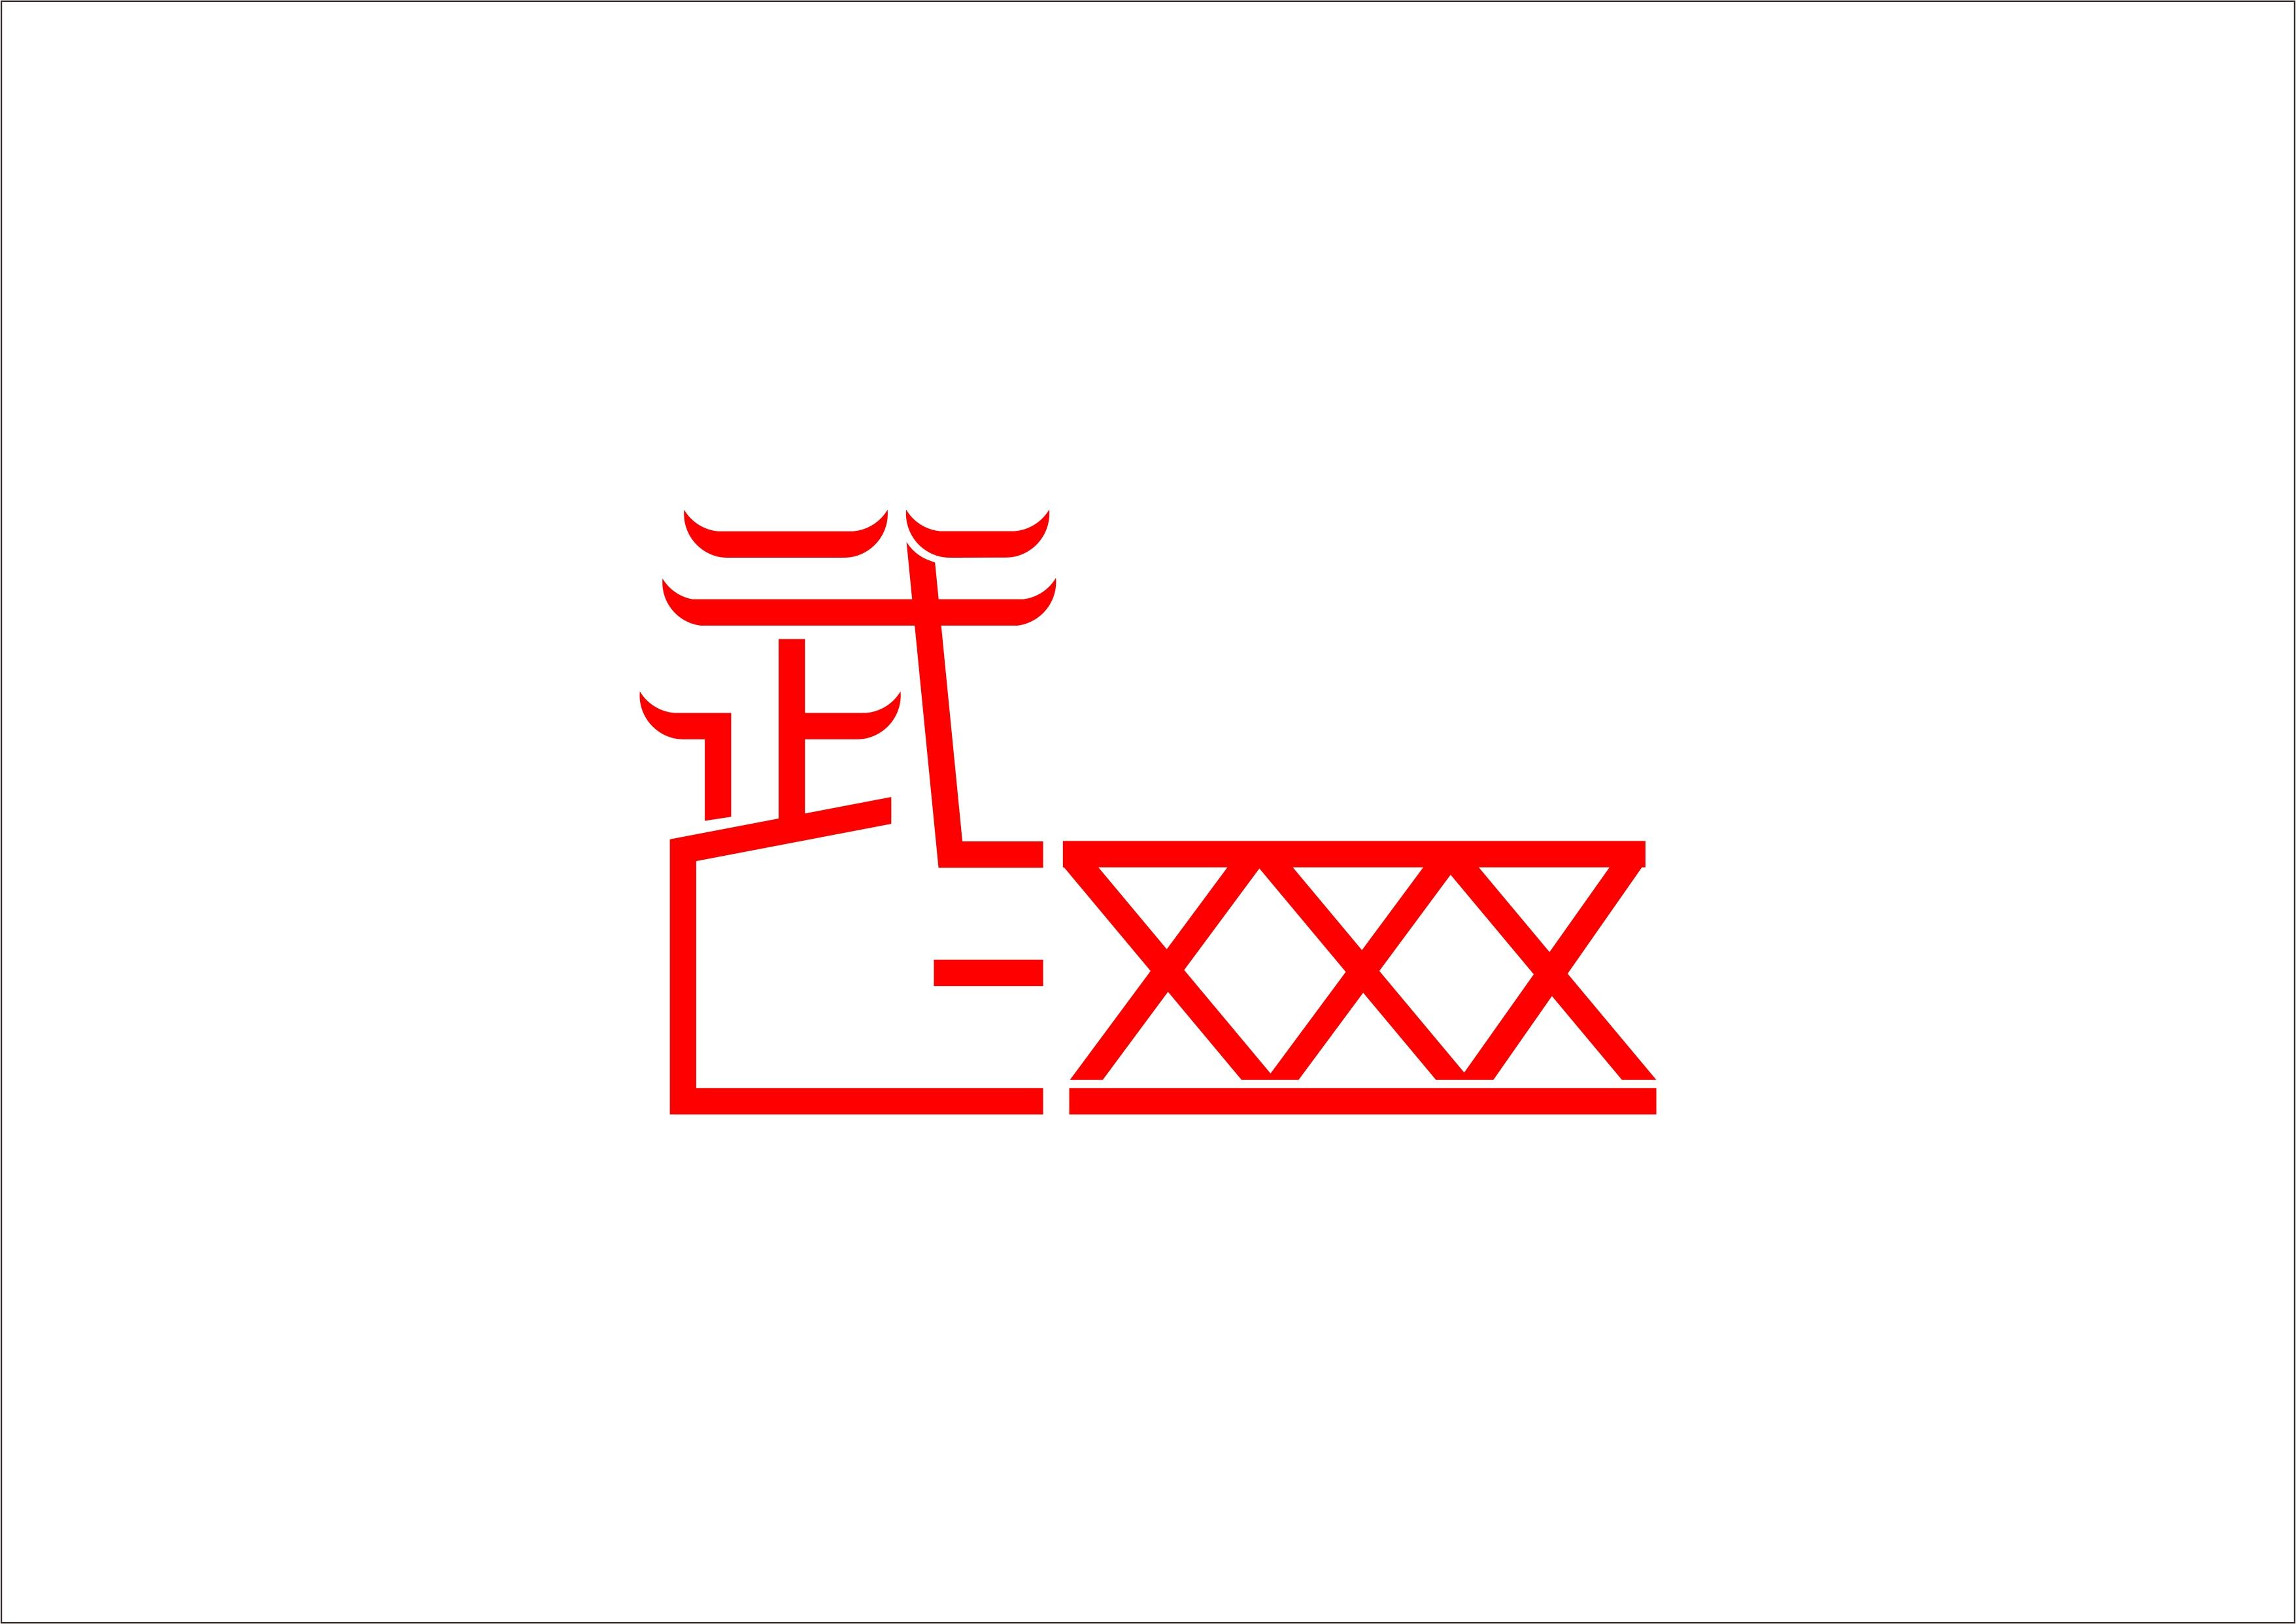 每天一记———武汉|平面|字体/字形|hk小康 - 原创图片